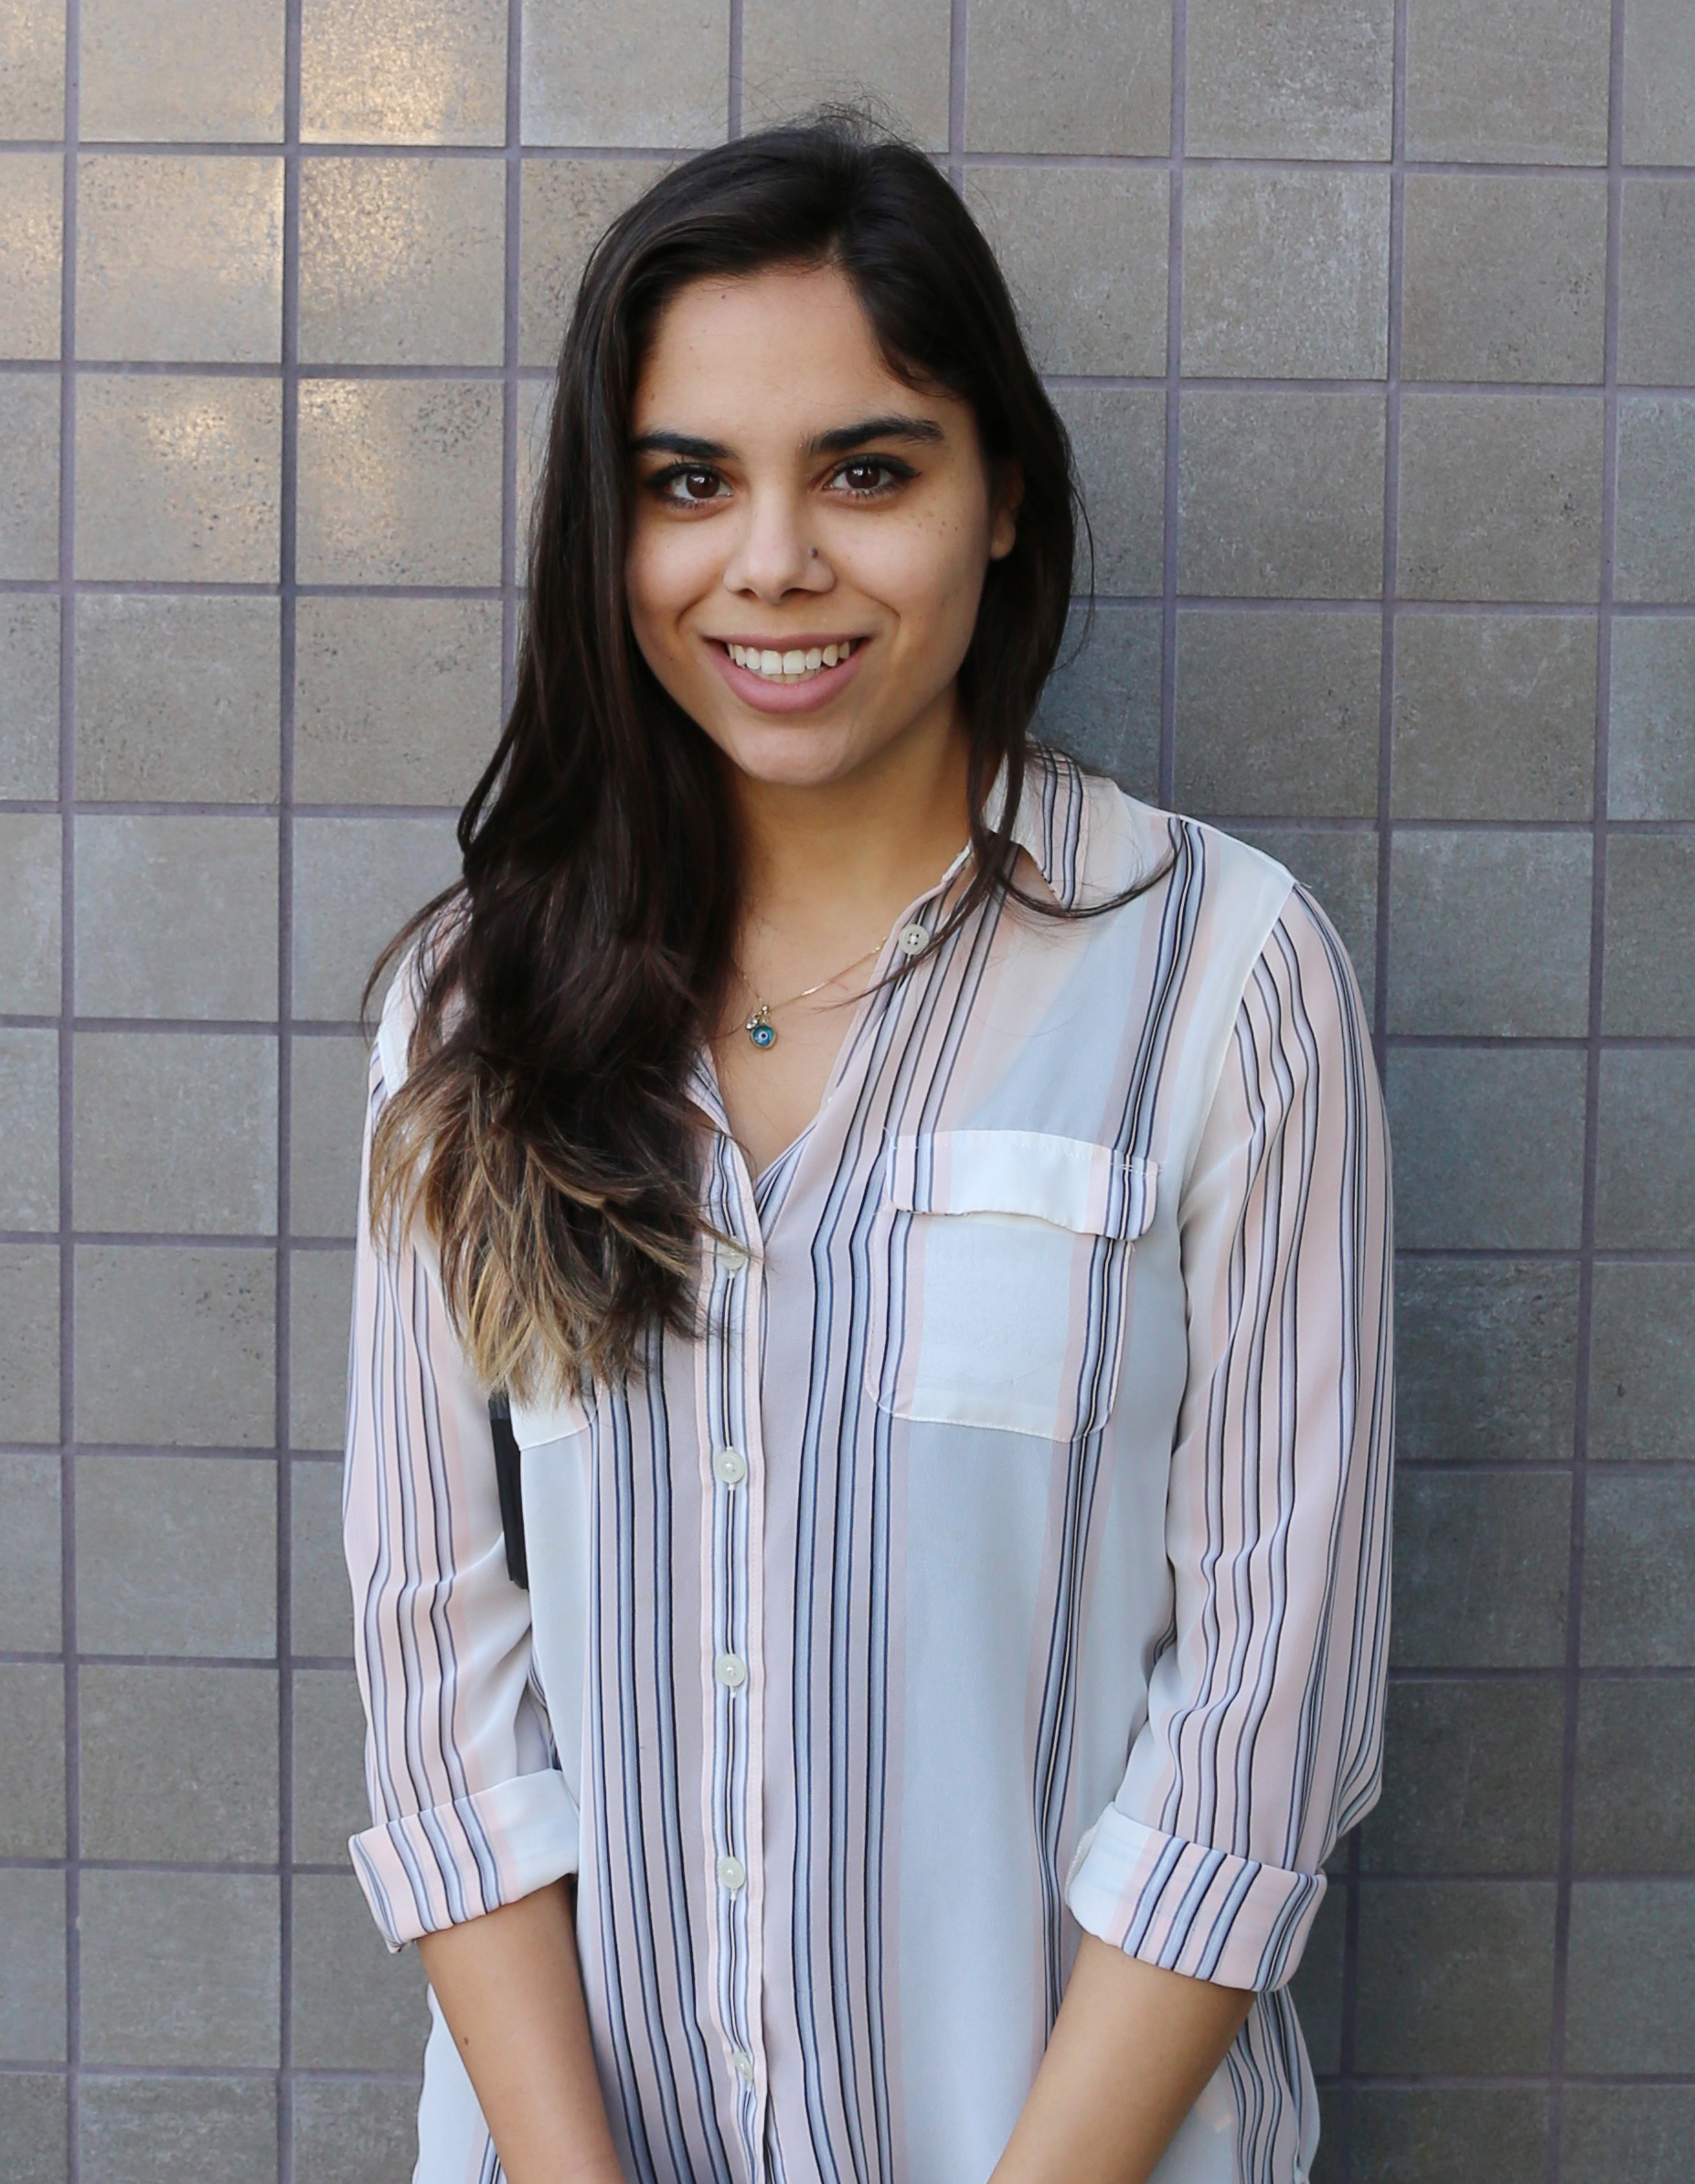 Evelia Salinas